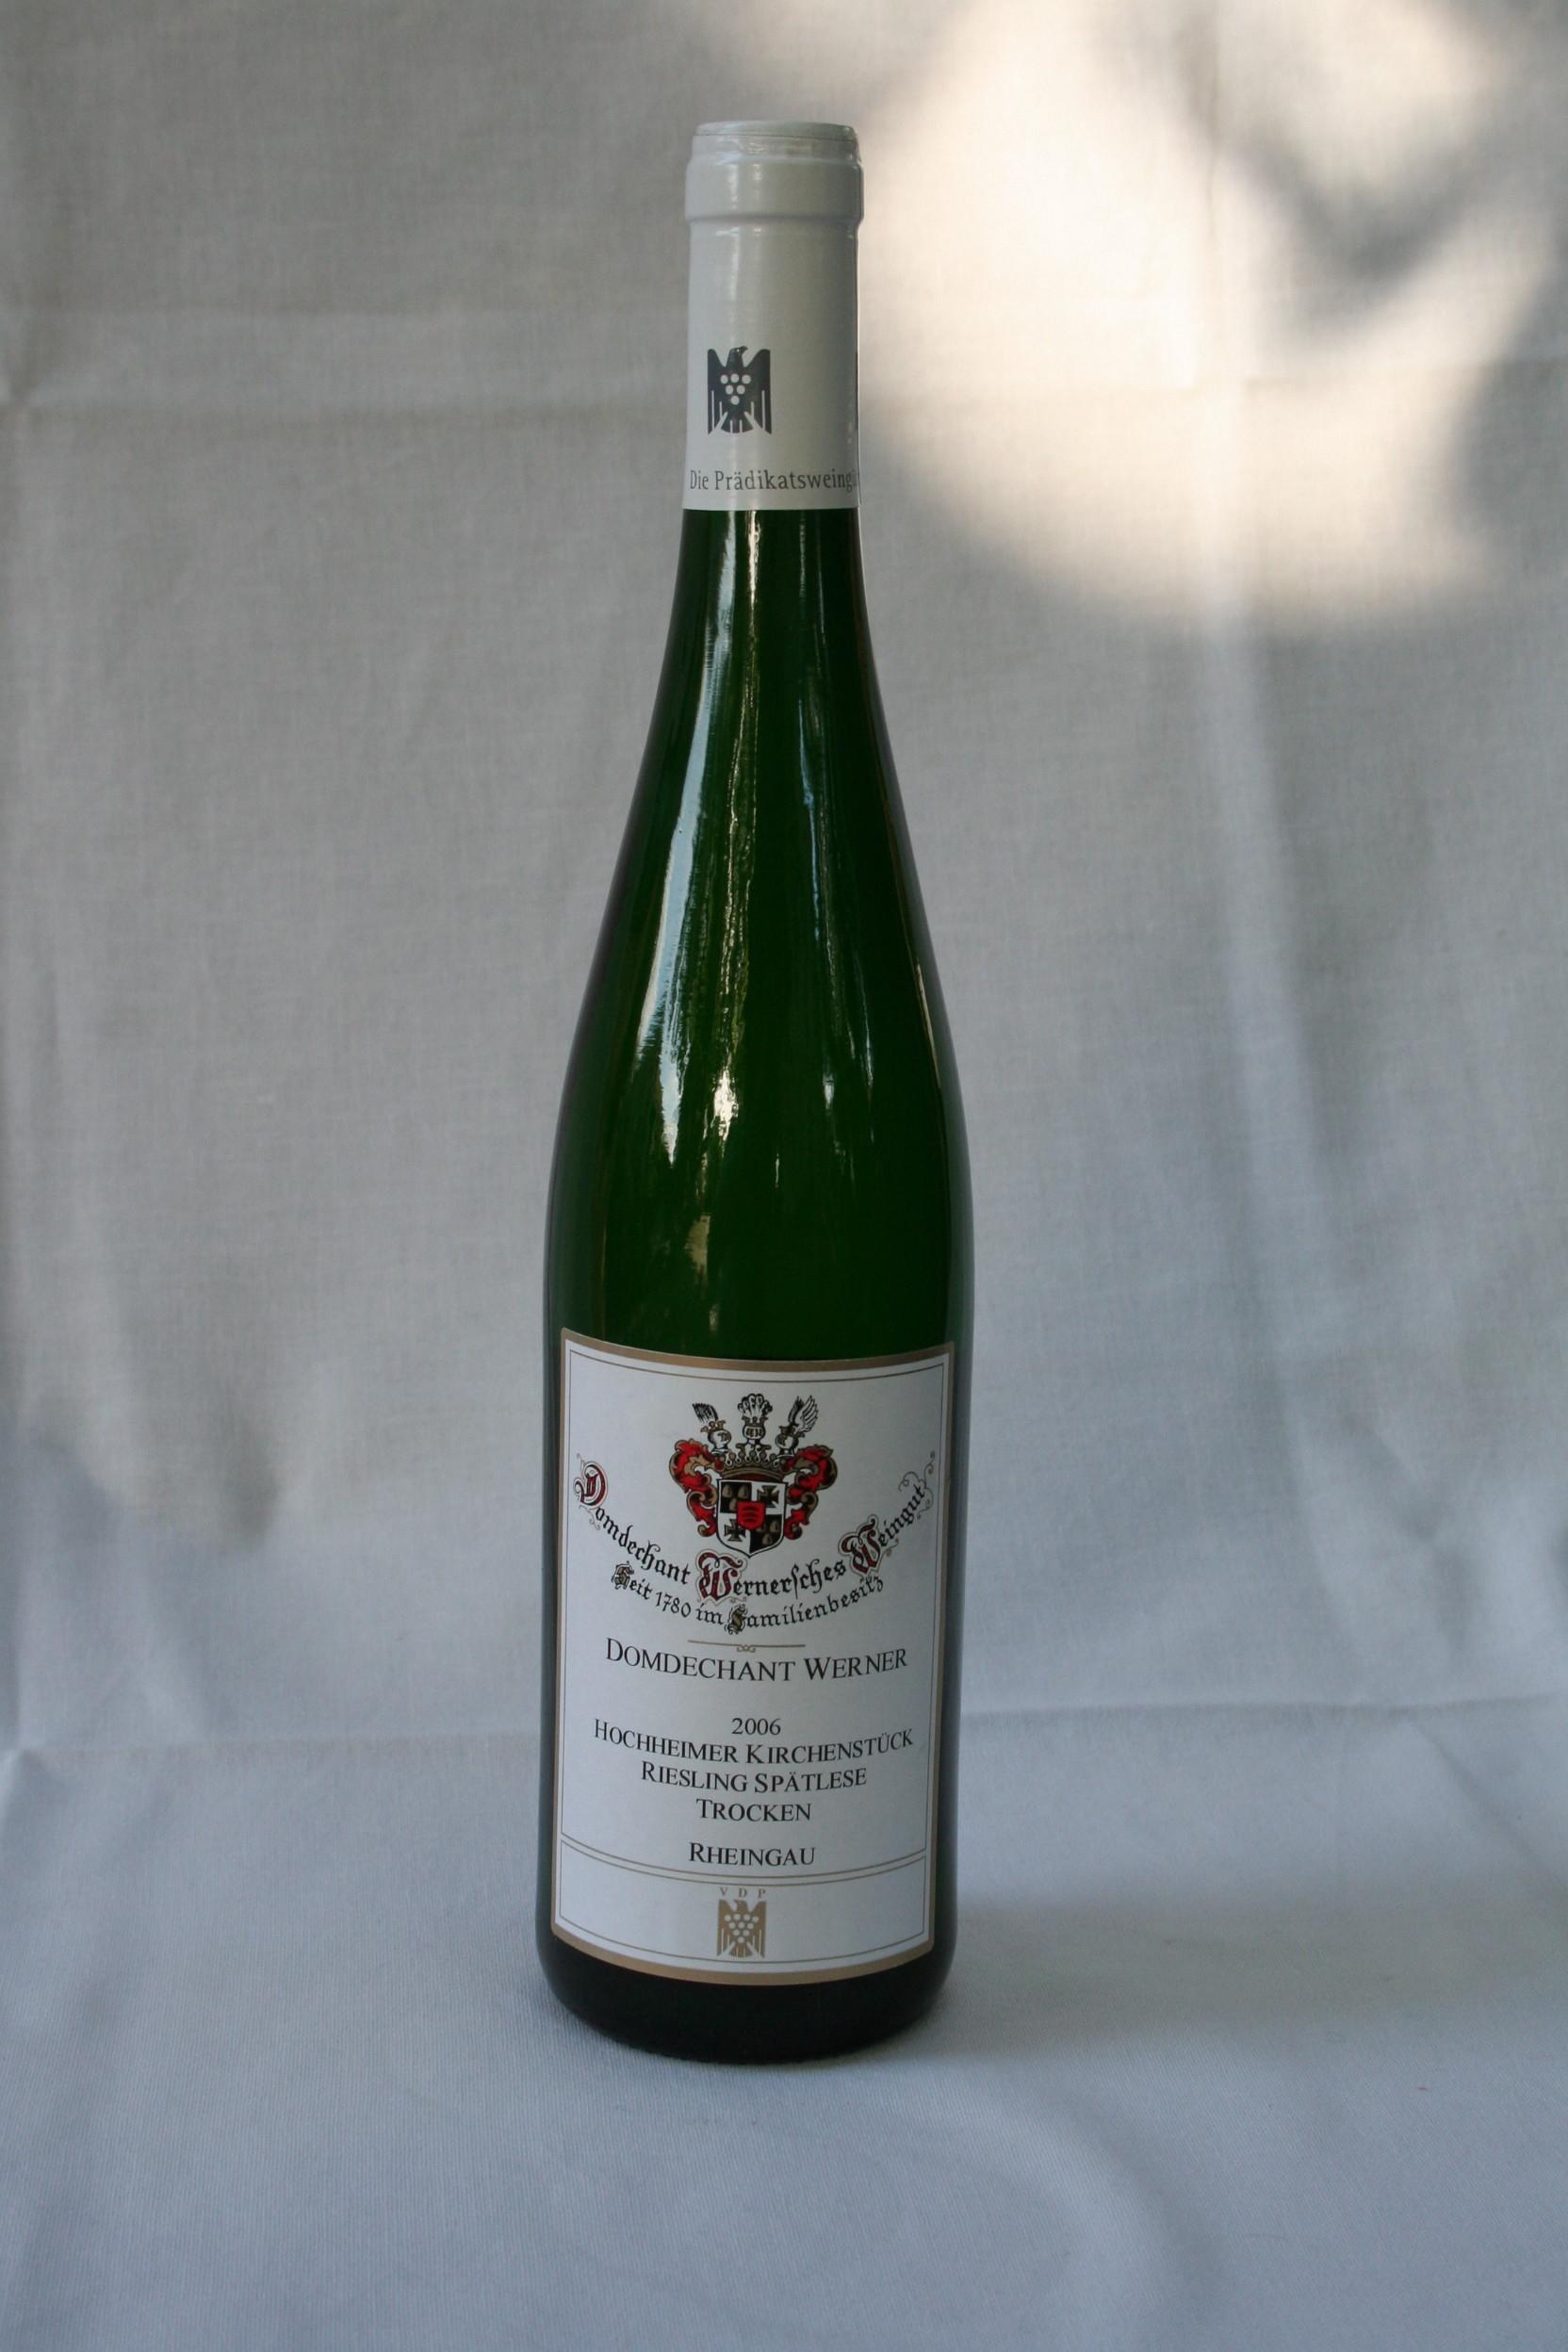 Domdechant Werner Hochheimer Domdechanay Riesling Spätlese